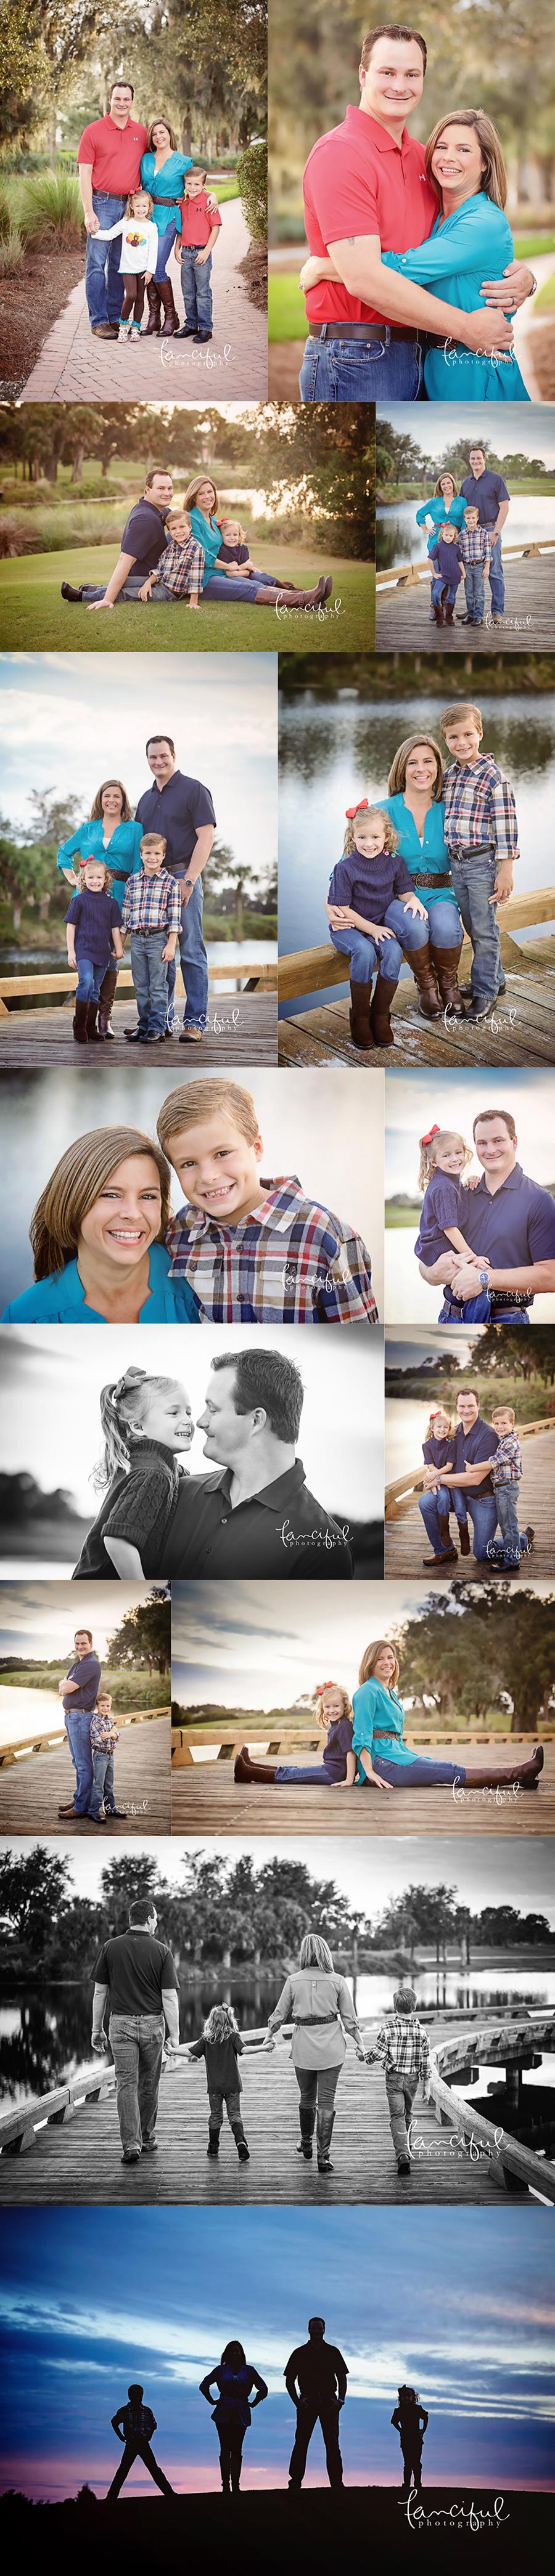 Sarasota Family Photographer   http://fancifulphotography.com  #Family #photography